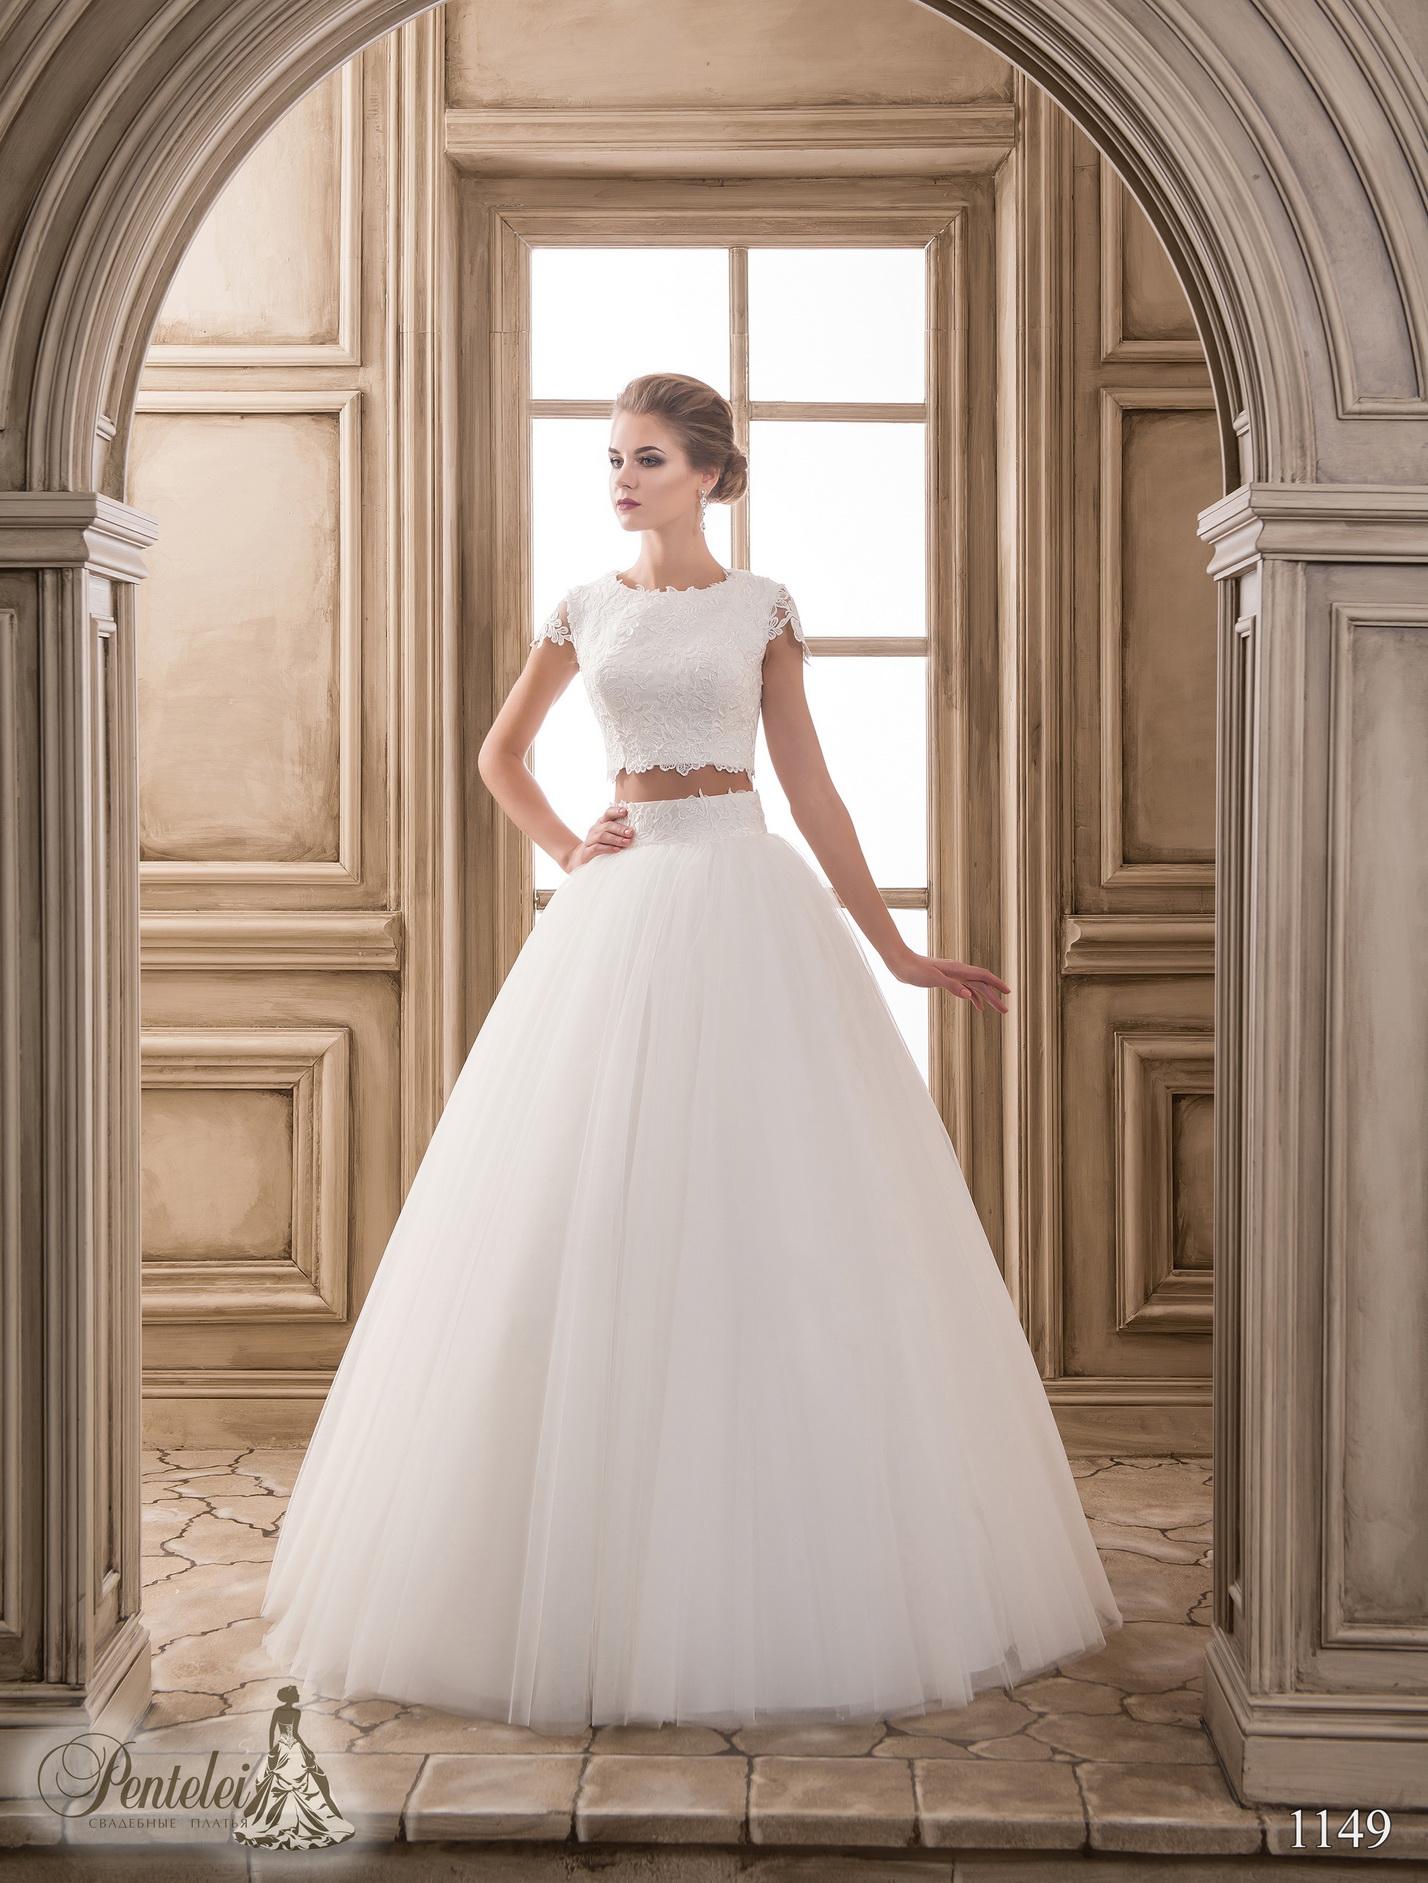 1149 | Купить свадебные платья оптом от Pentelei